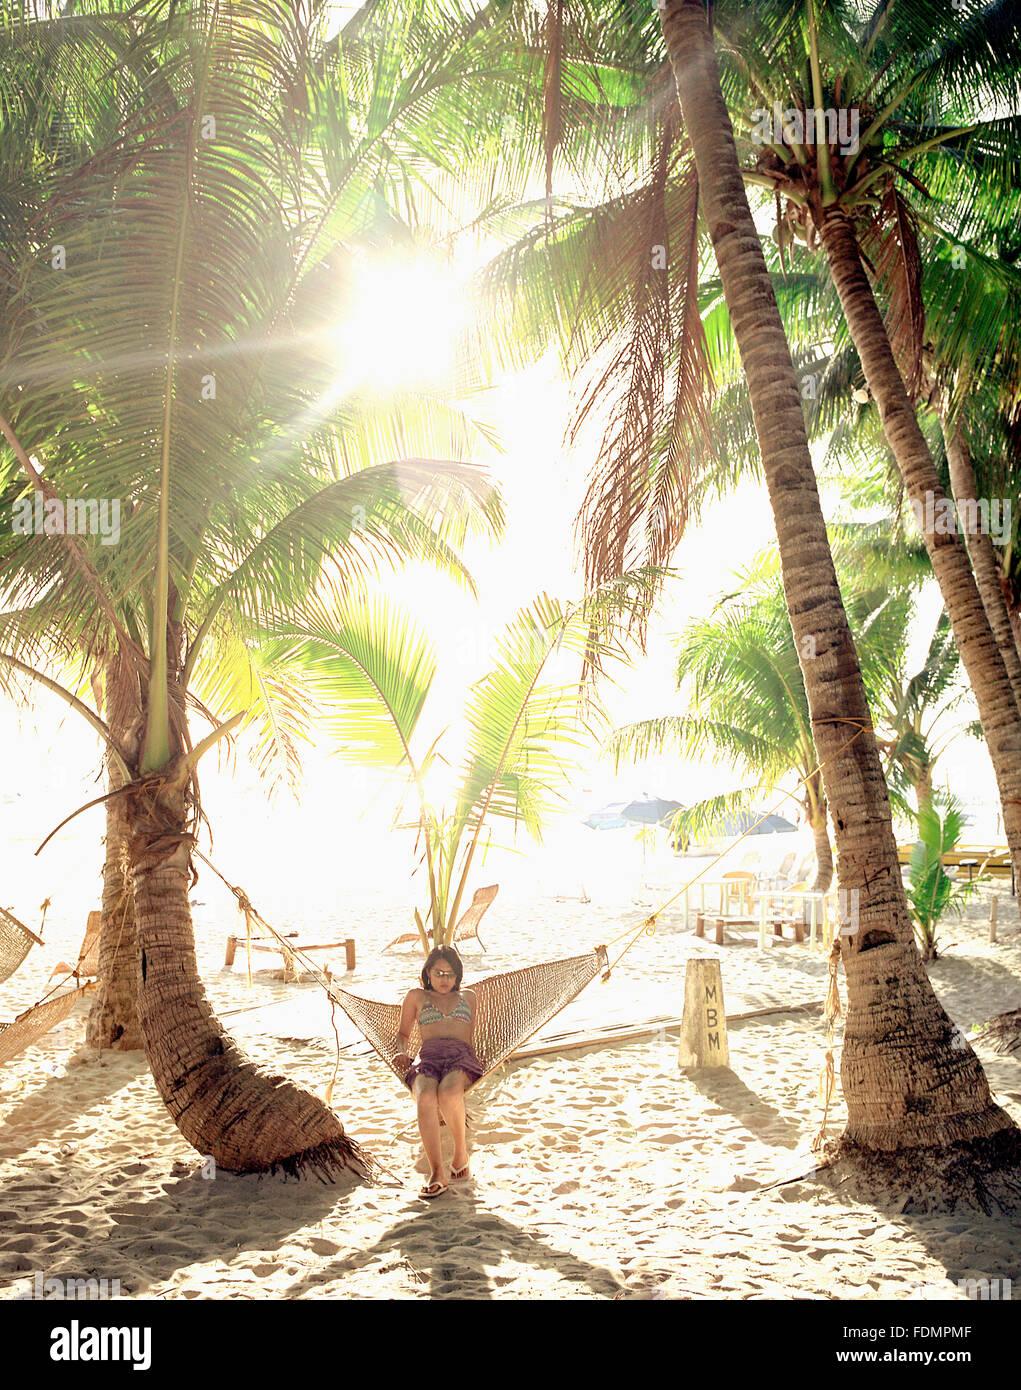 Eine junge Filipina Frau entspannt in der Hängematte bei Sonnenaufgang. Boracay, Philippinen. Stockbild